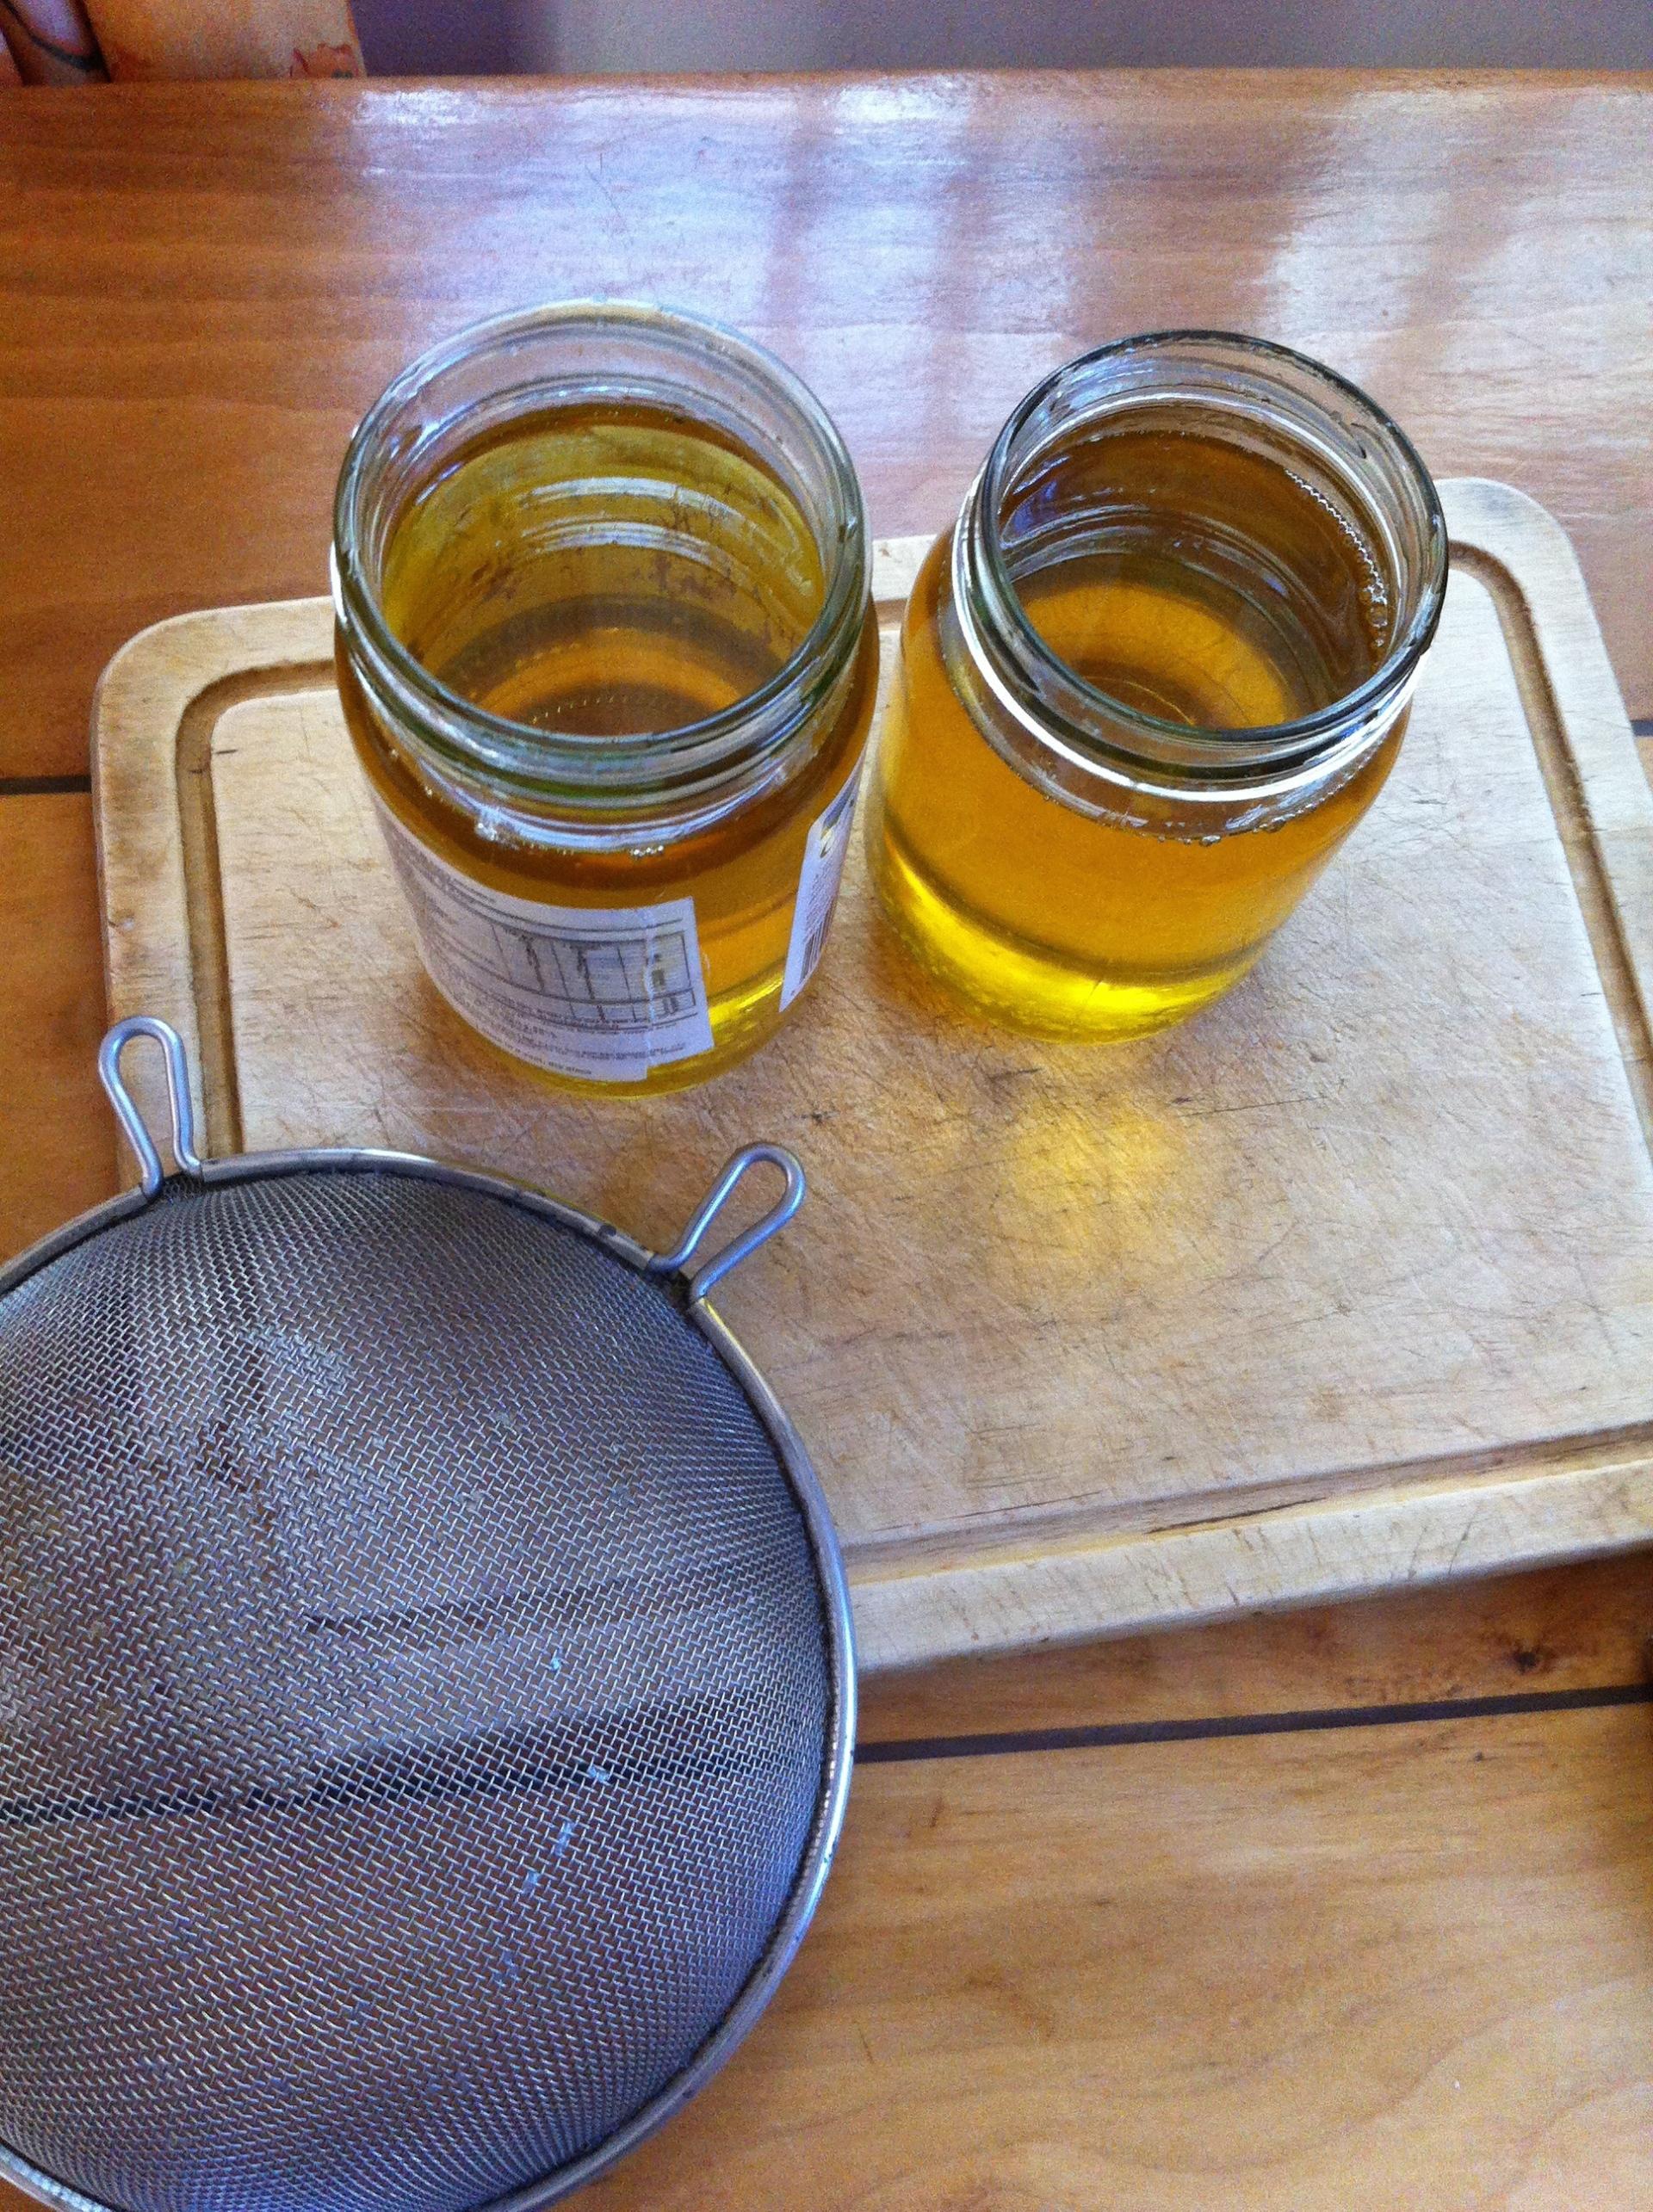 ¿Te has preguntado cómo se hace el cebo (tallow, en inglés)? Aquí tienes instrucciones fáciles de seguir para hacer tu propia grasa, que puedes usar para cocinar, en tu piel como humectante (hay muchas recetas), para hacer velas o jabón.